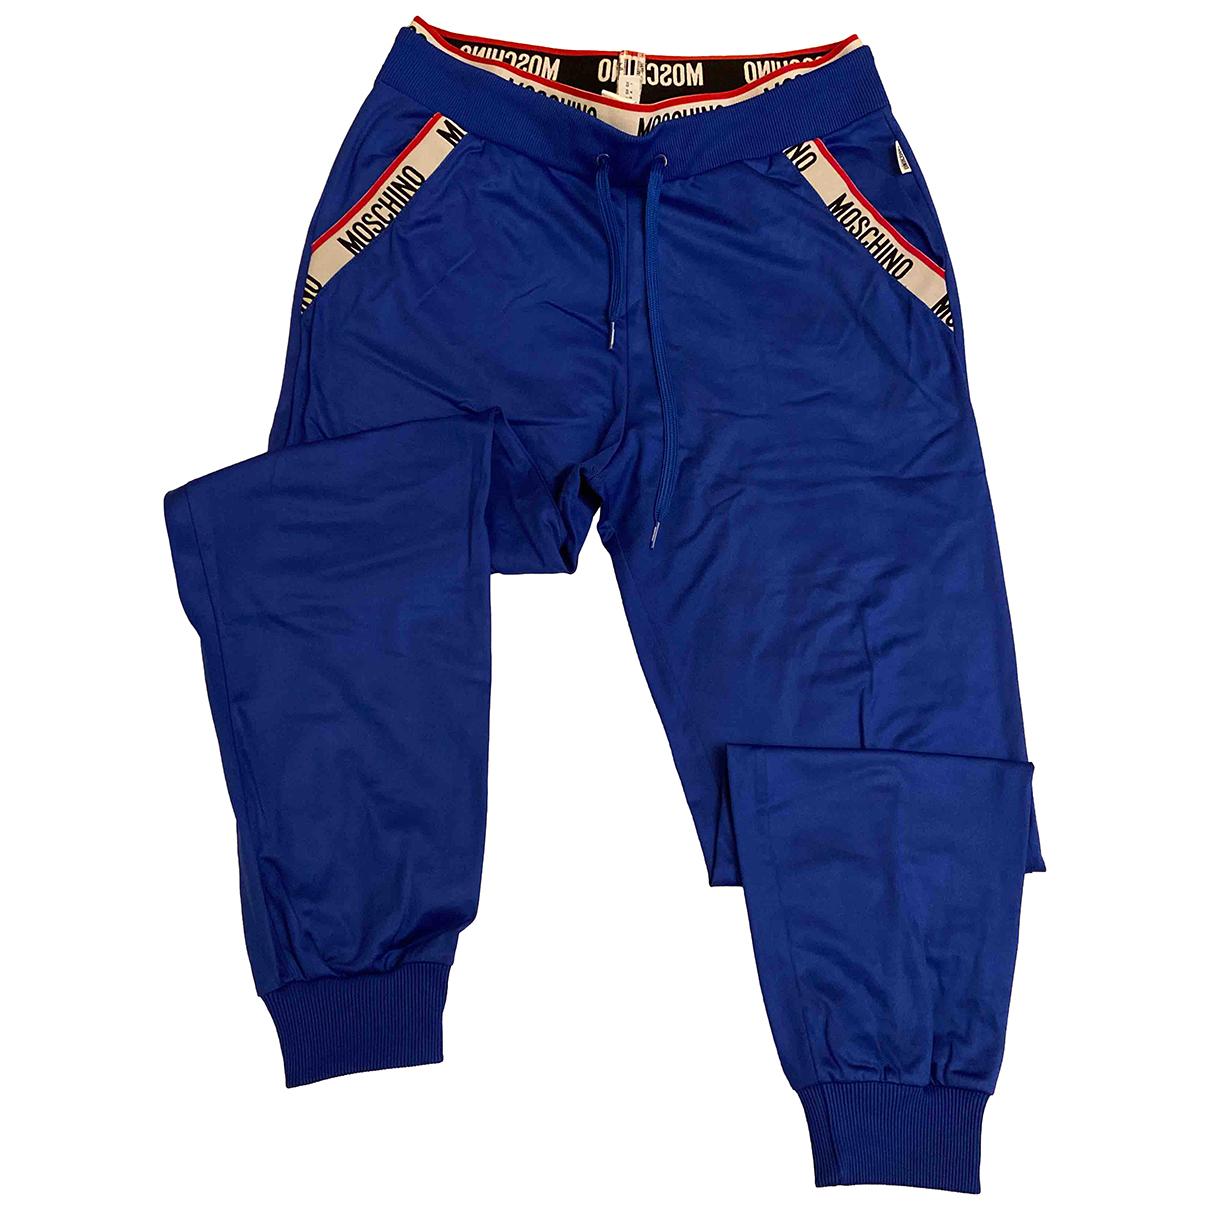 Pantalon en Poliester Azul Moschino